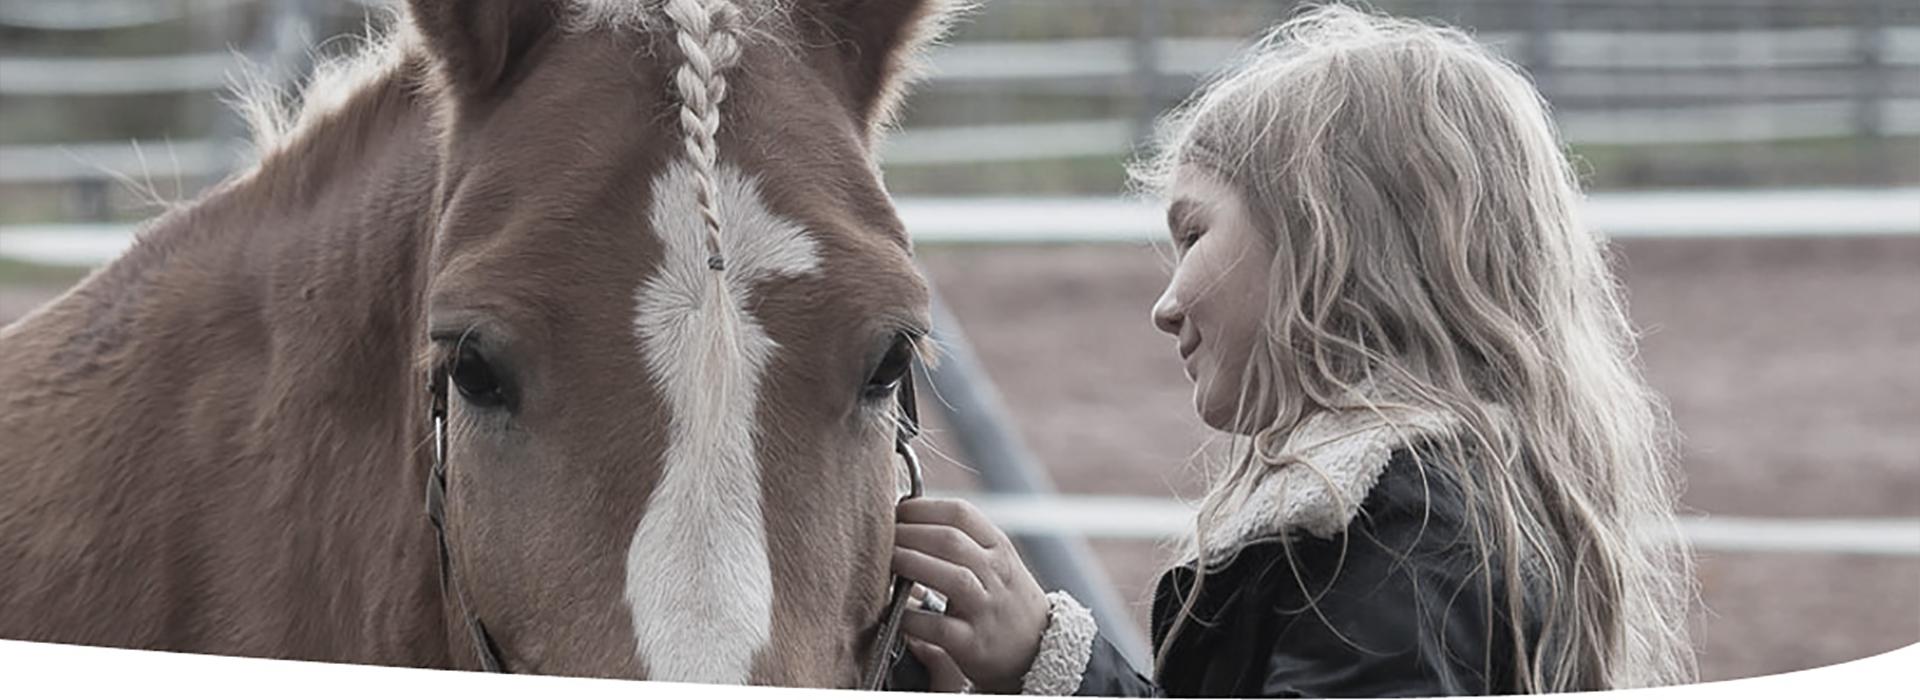 Tellington-Reiten-Pferd-Kurs-Kinder-3